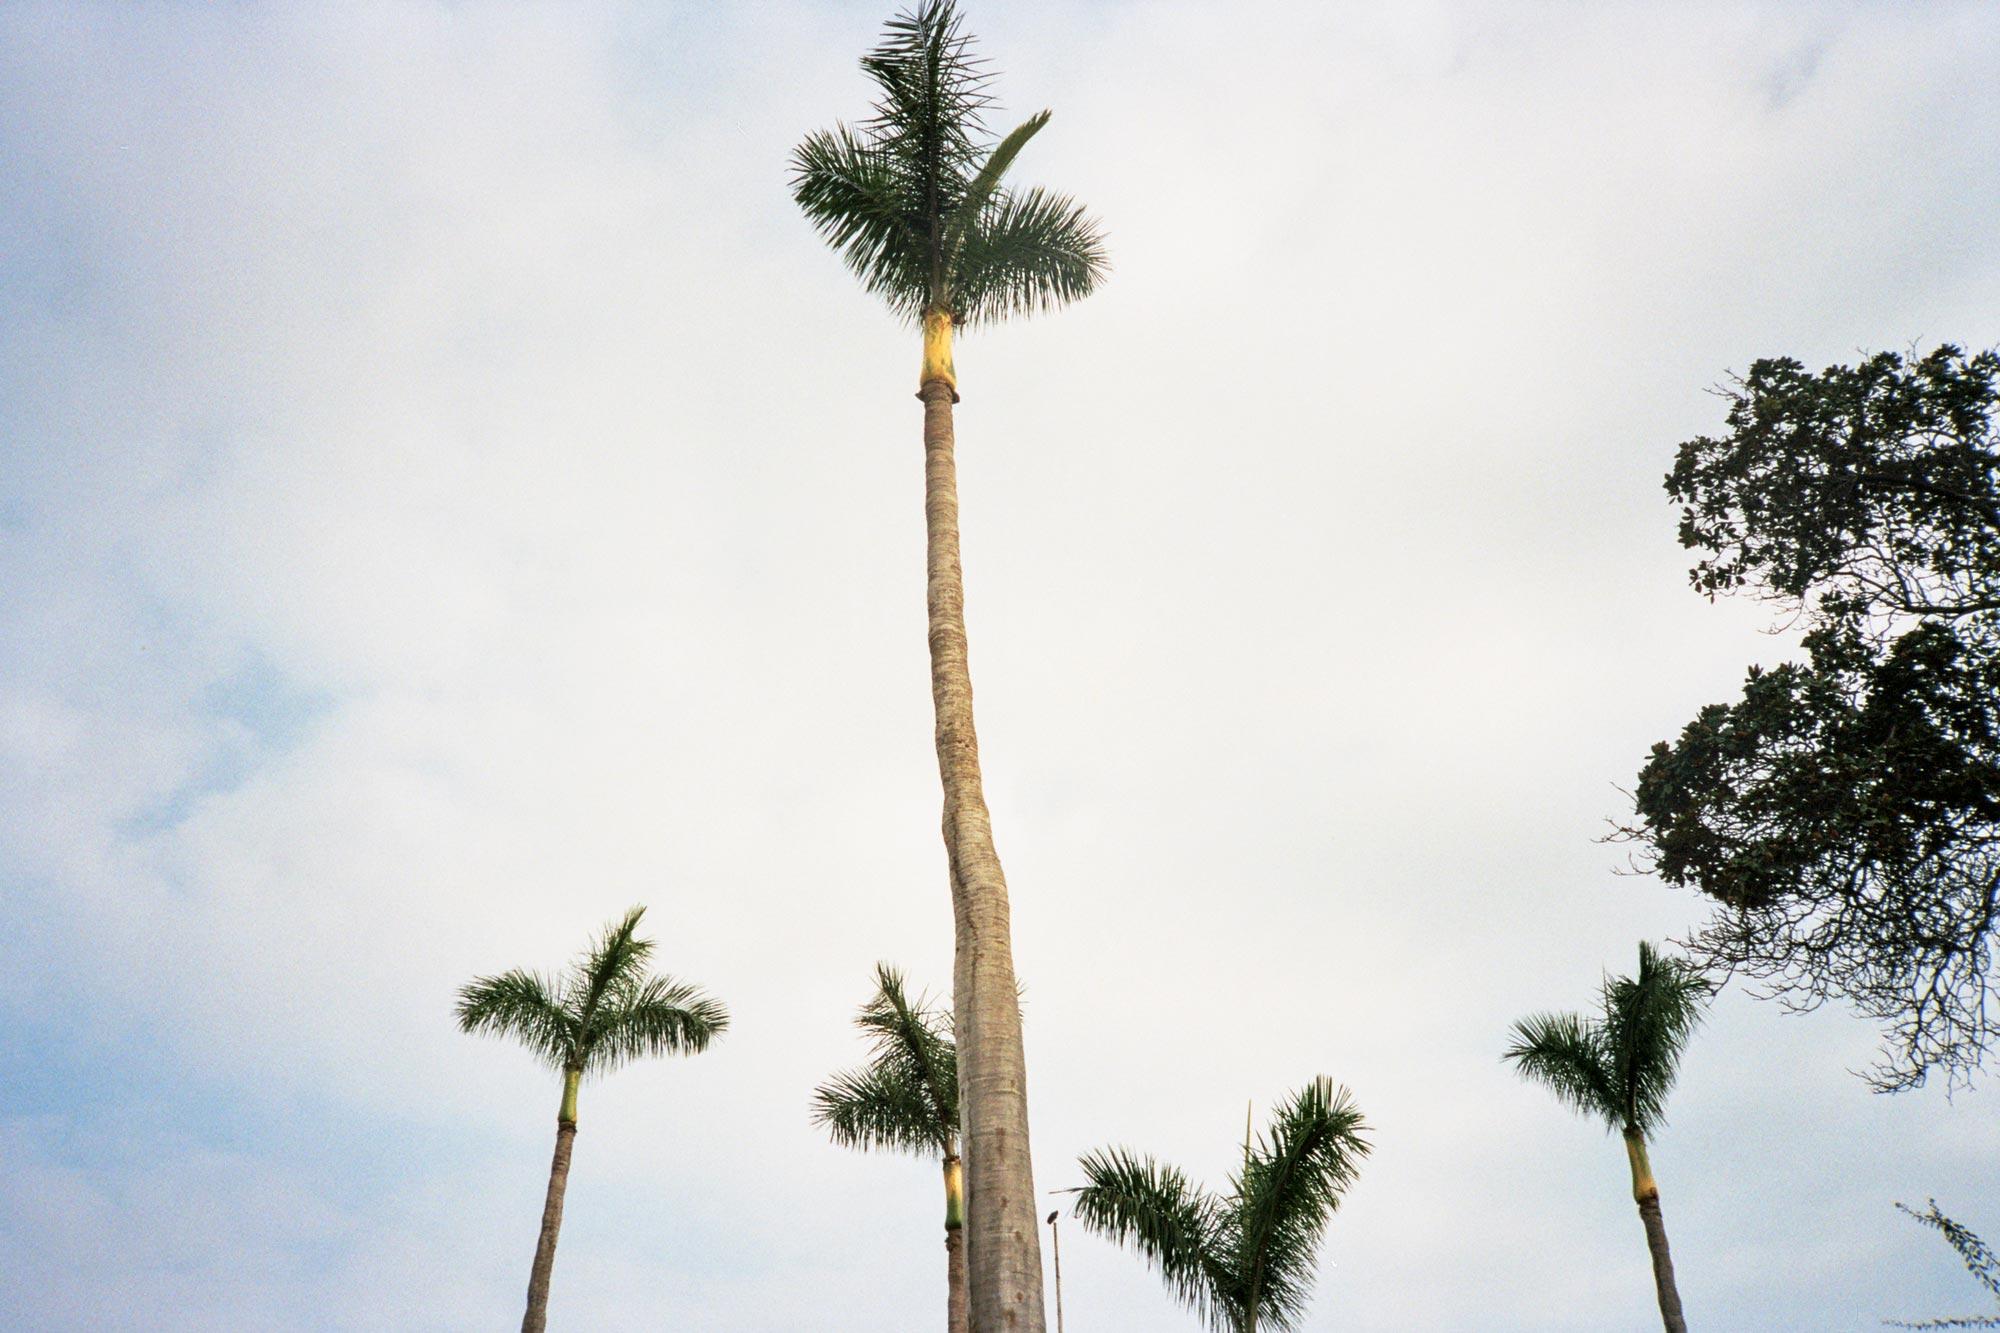 Peru Lima Costa Verde palms